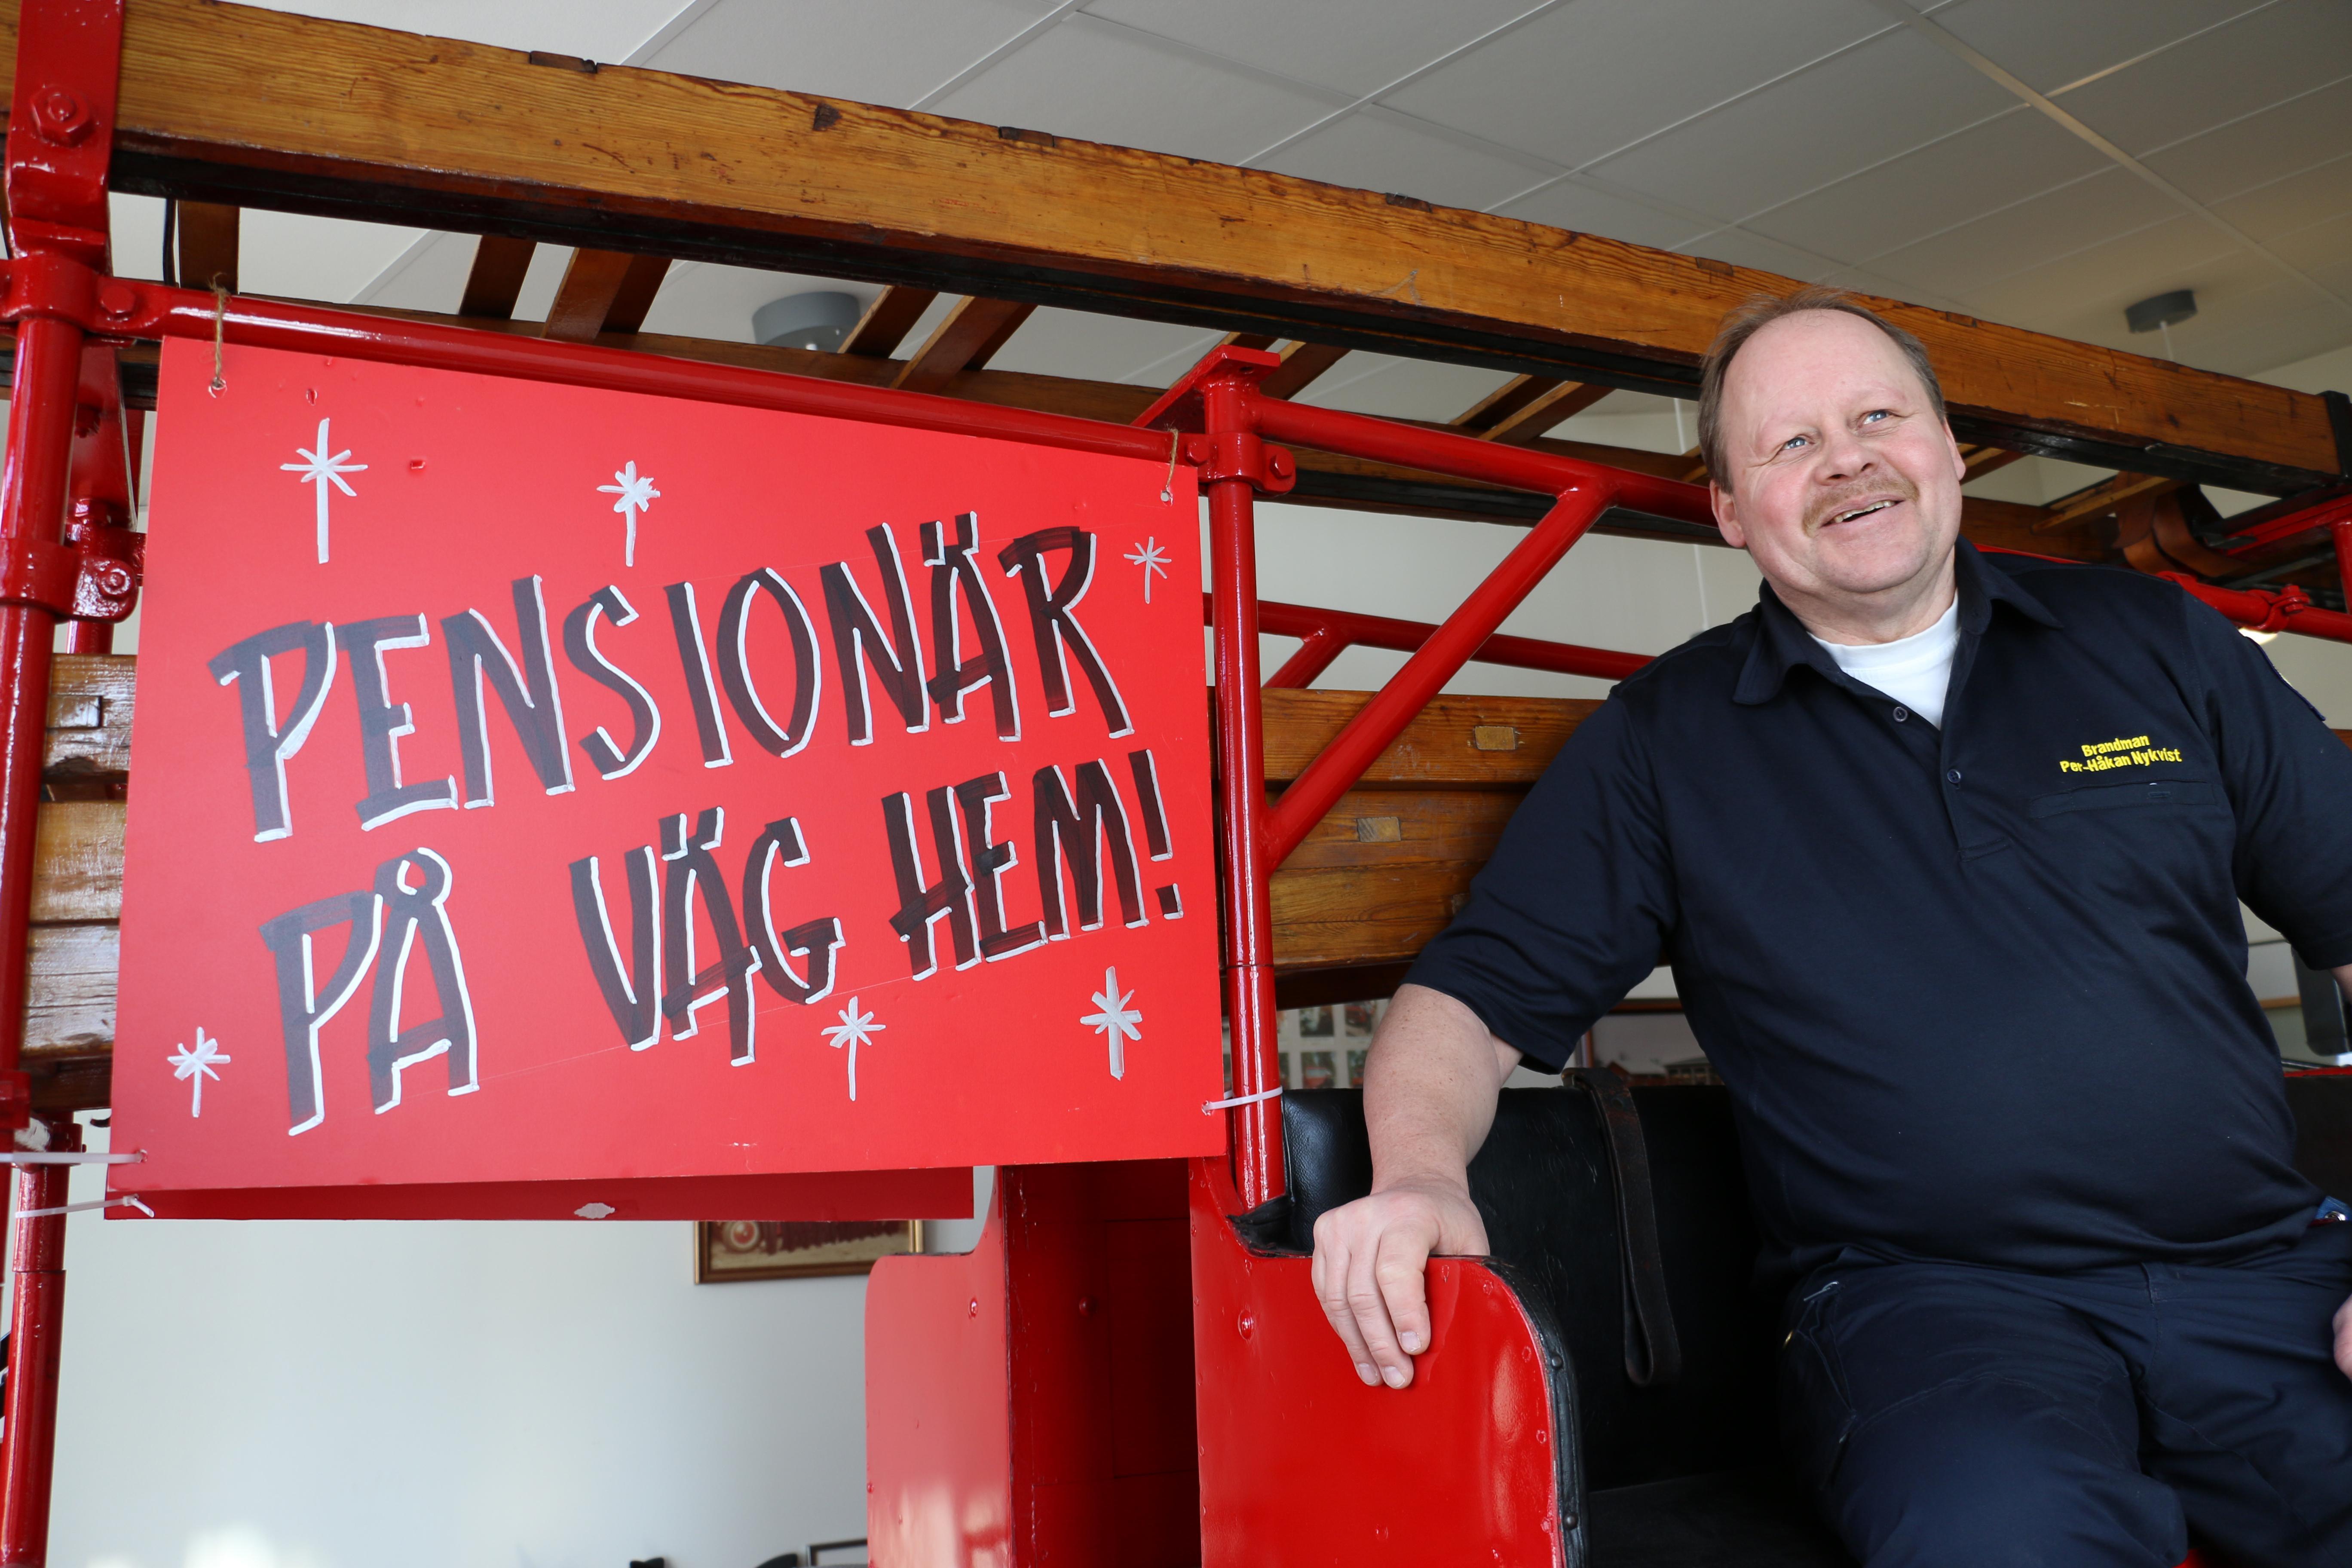 Efter 41 år som brandman gick Per-Håkan Nykvist på skärtorsdagen 2018 i pension från brandstationen i Byrsta. - Det har gått så fort, och det är fascinerande att man inte vet vad som kommer hända under en dag.